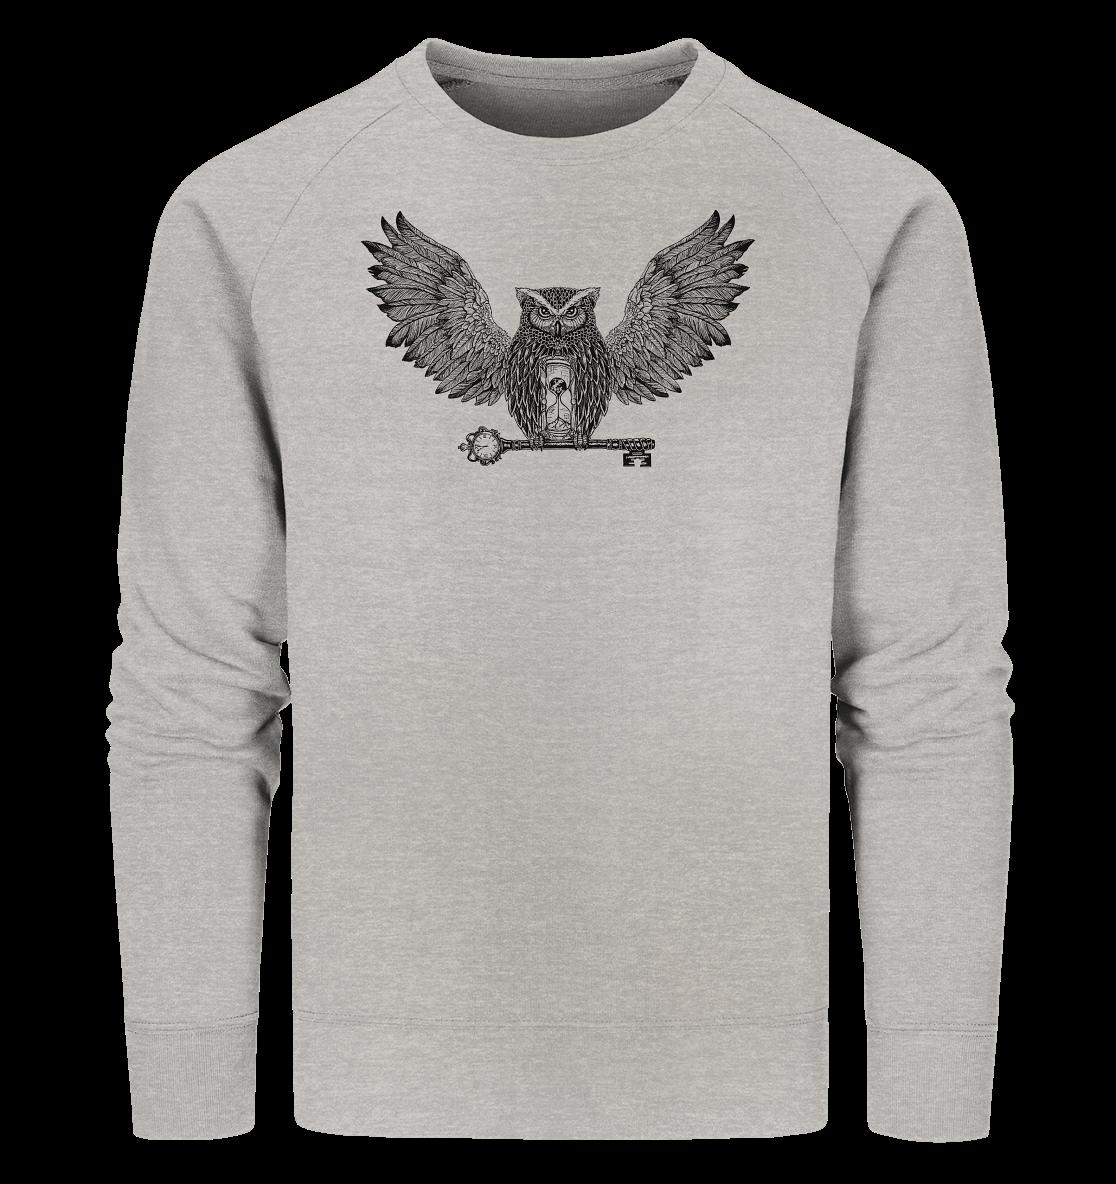 front-organic-sweatshirt-c2c1c0-1116x-5.png